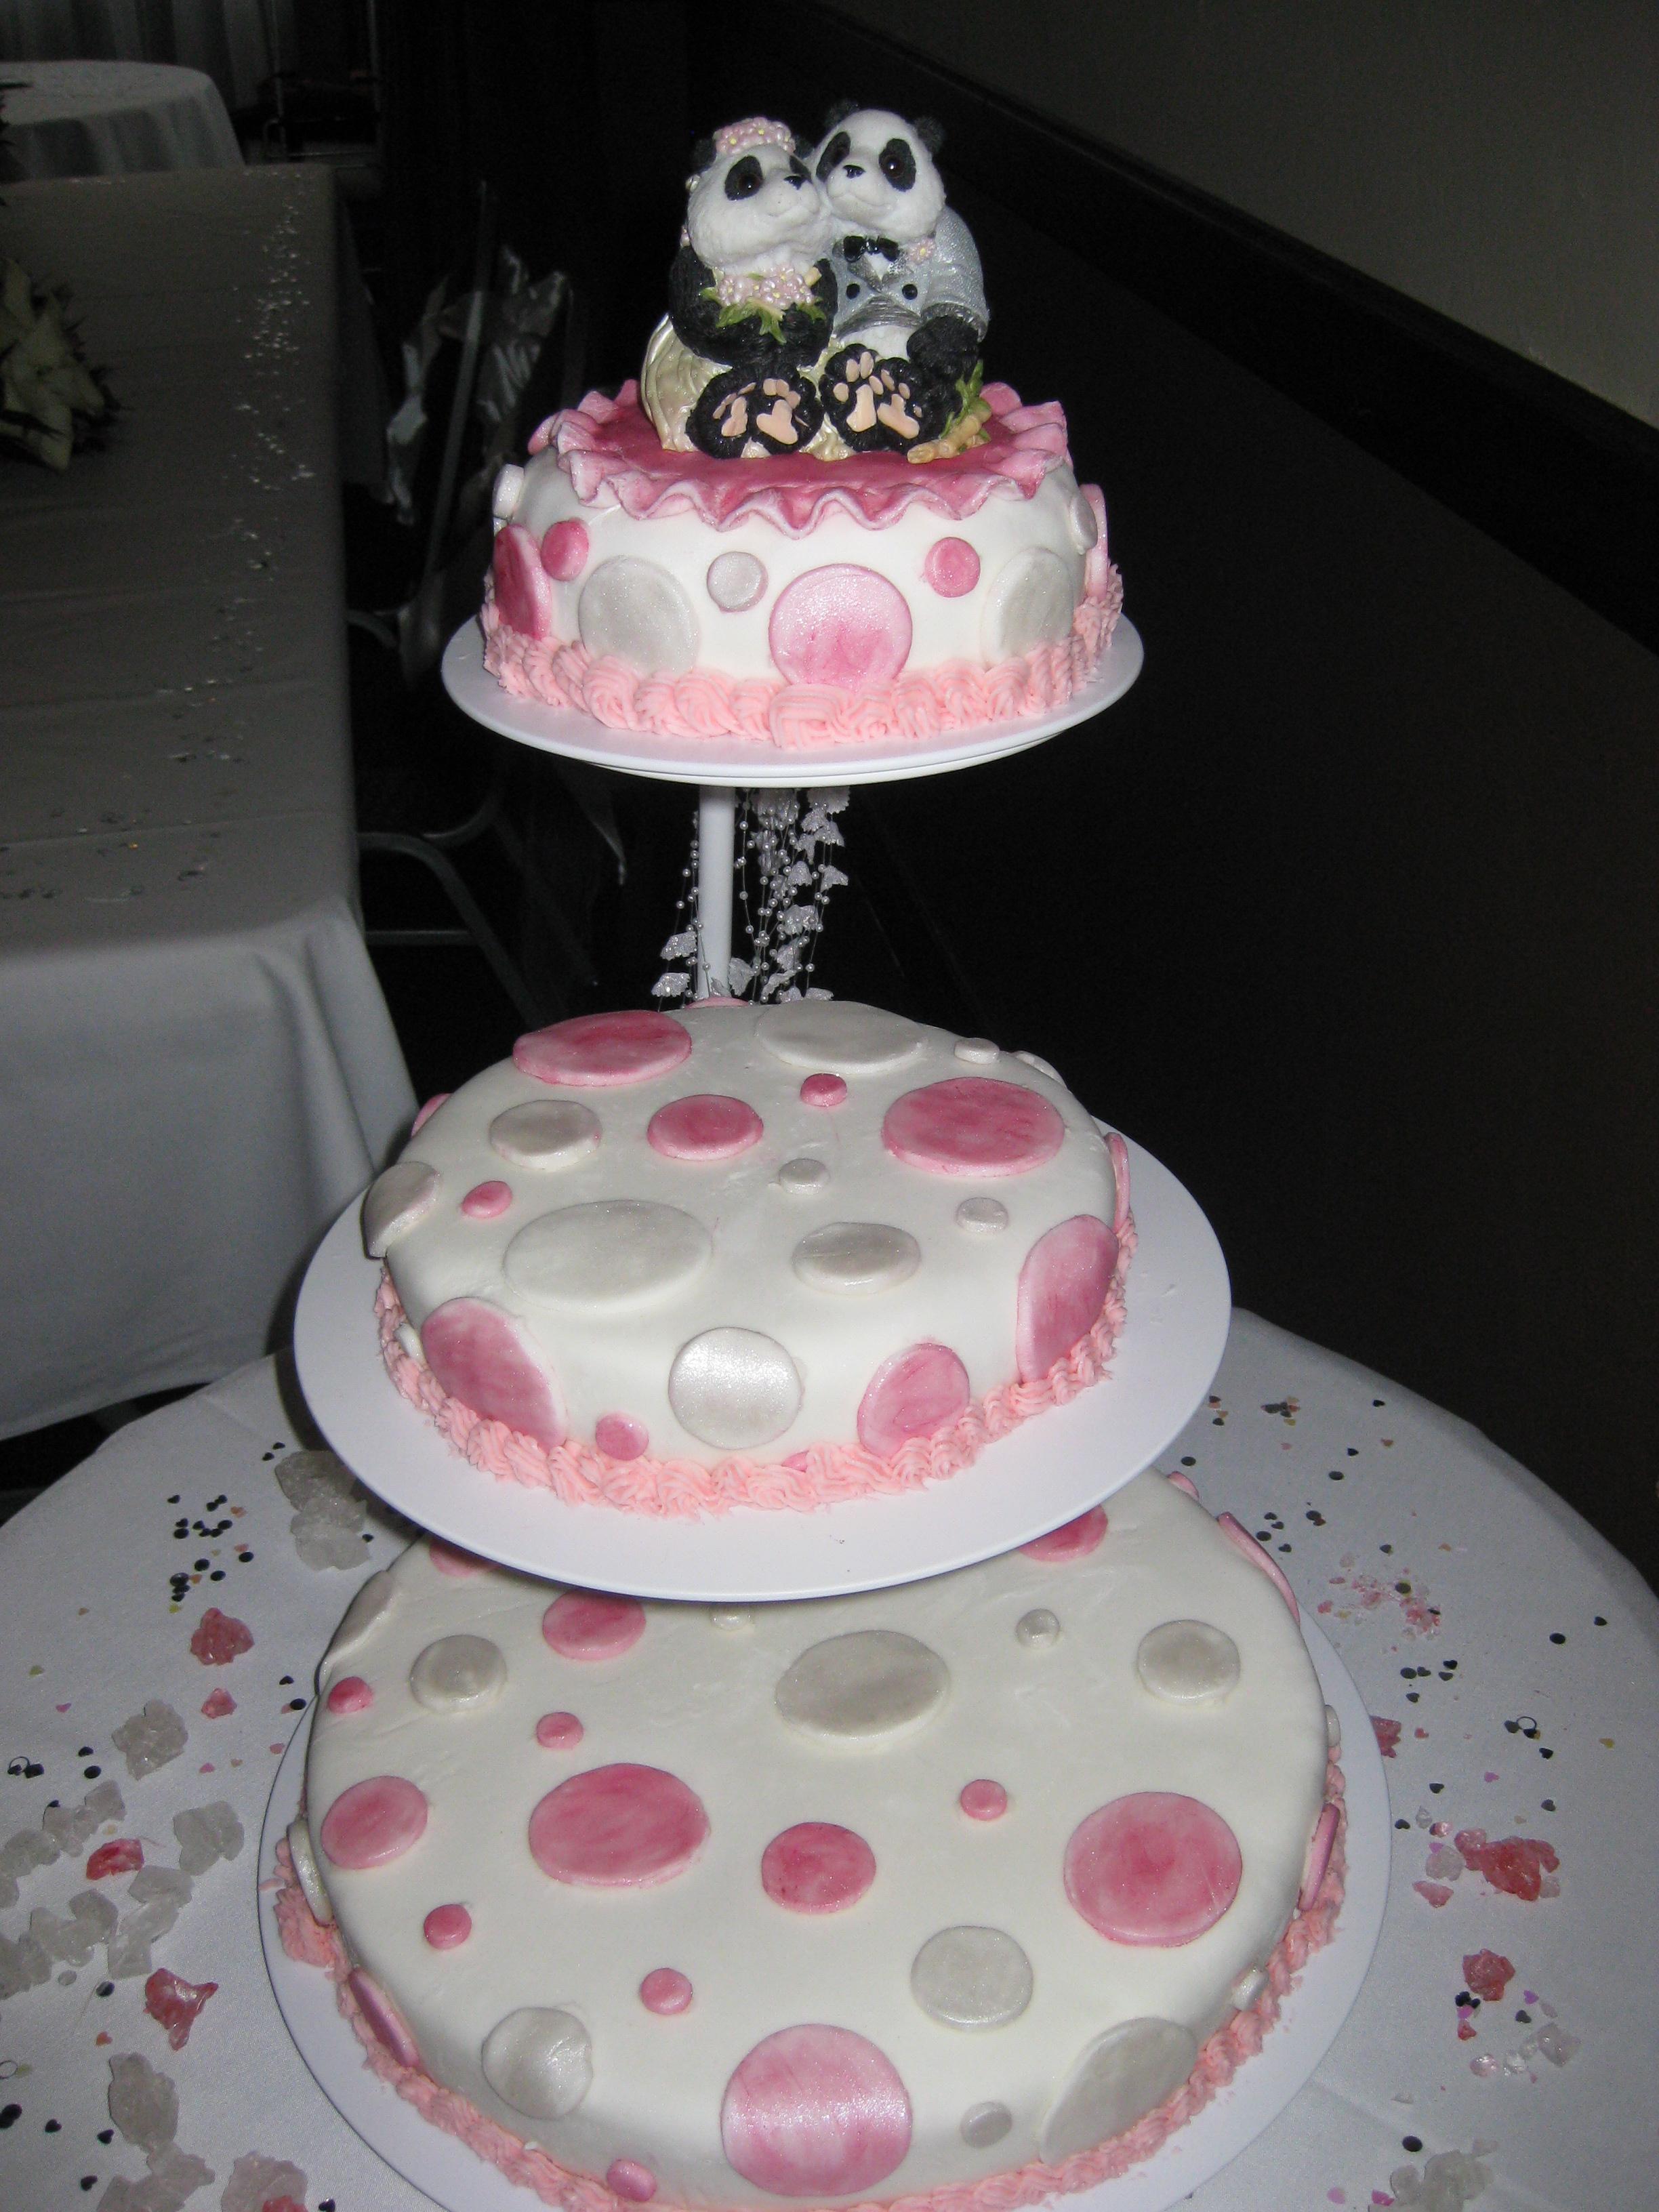 Polka_dot_Panda_wedding_cake_by_XxyummycupcakexX.jpg